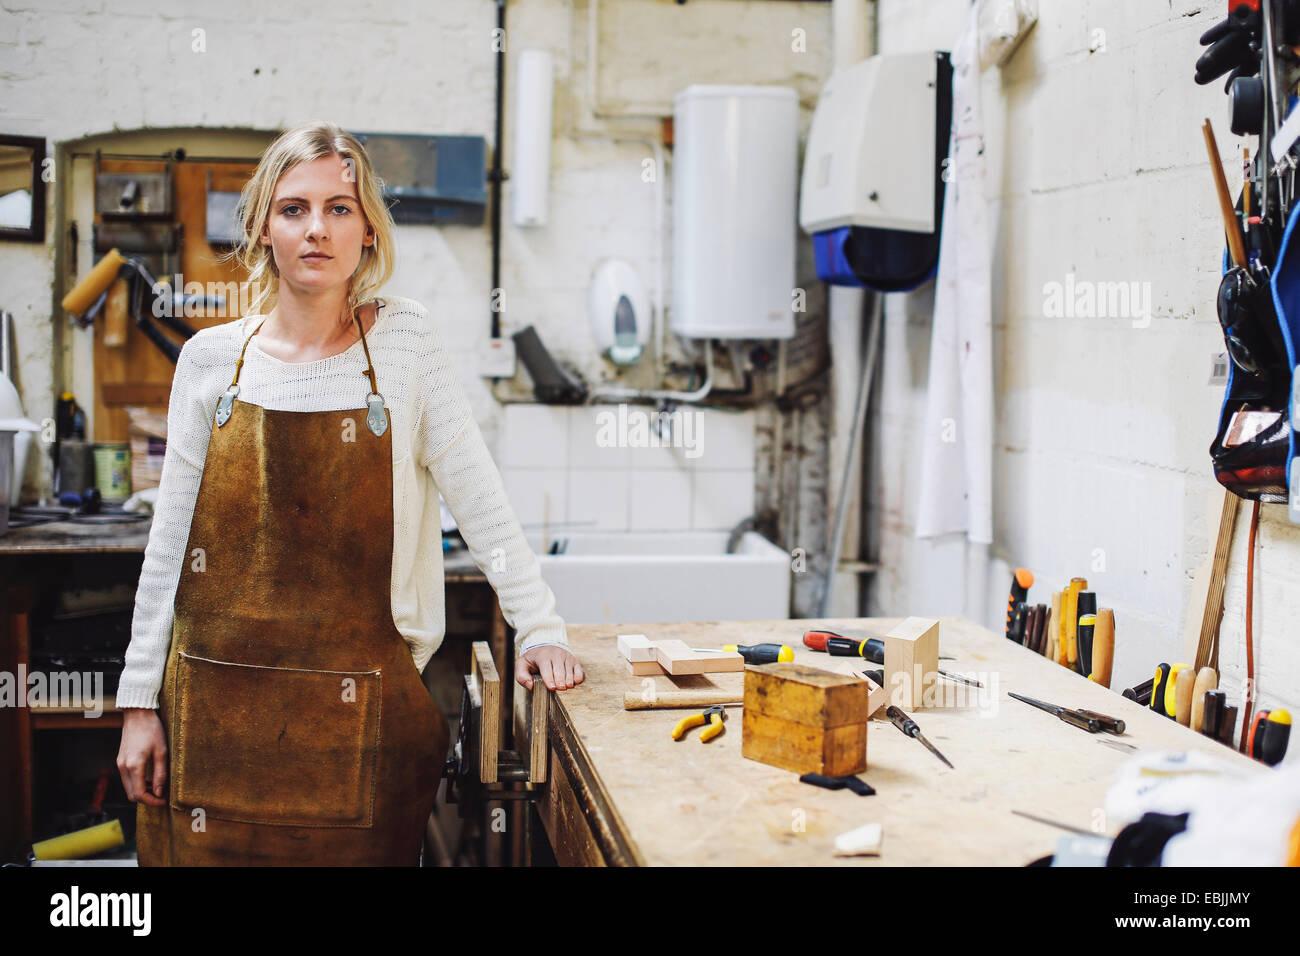 Porträt des jungen Handwerkerin stützte sich auf die Werkbank in Orgelwerkstatt Stockbild